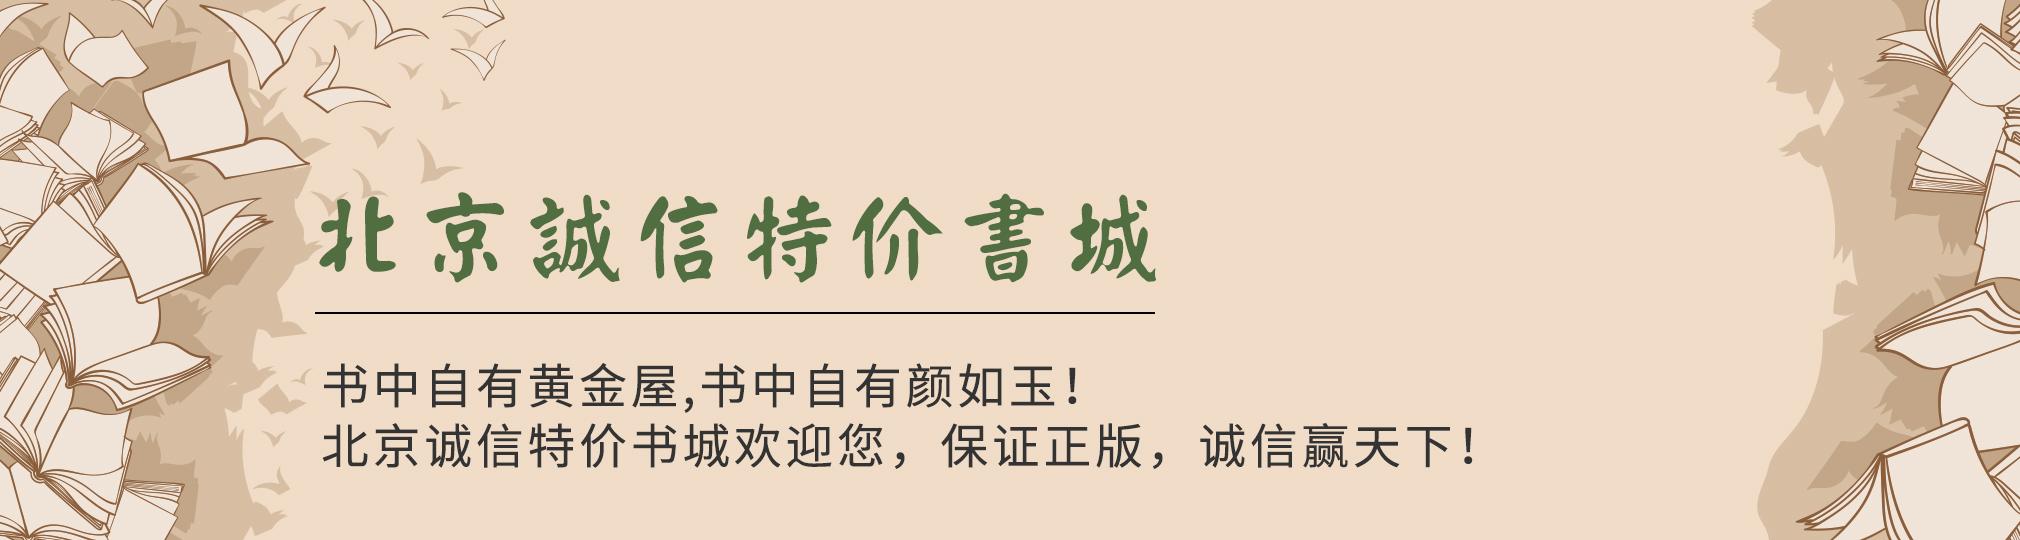 大奖娱乐官方网站首页-大奖娱乐88pt88-孔夫子旧大奖娱乐pt